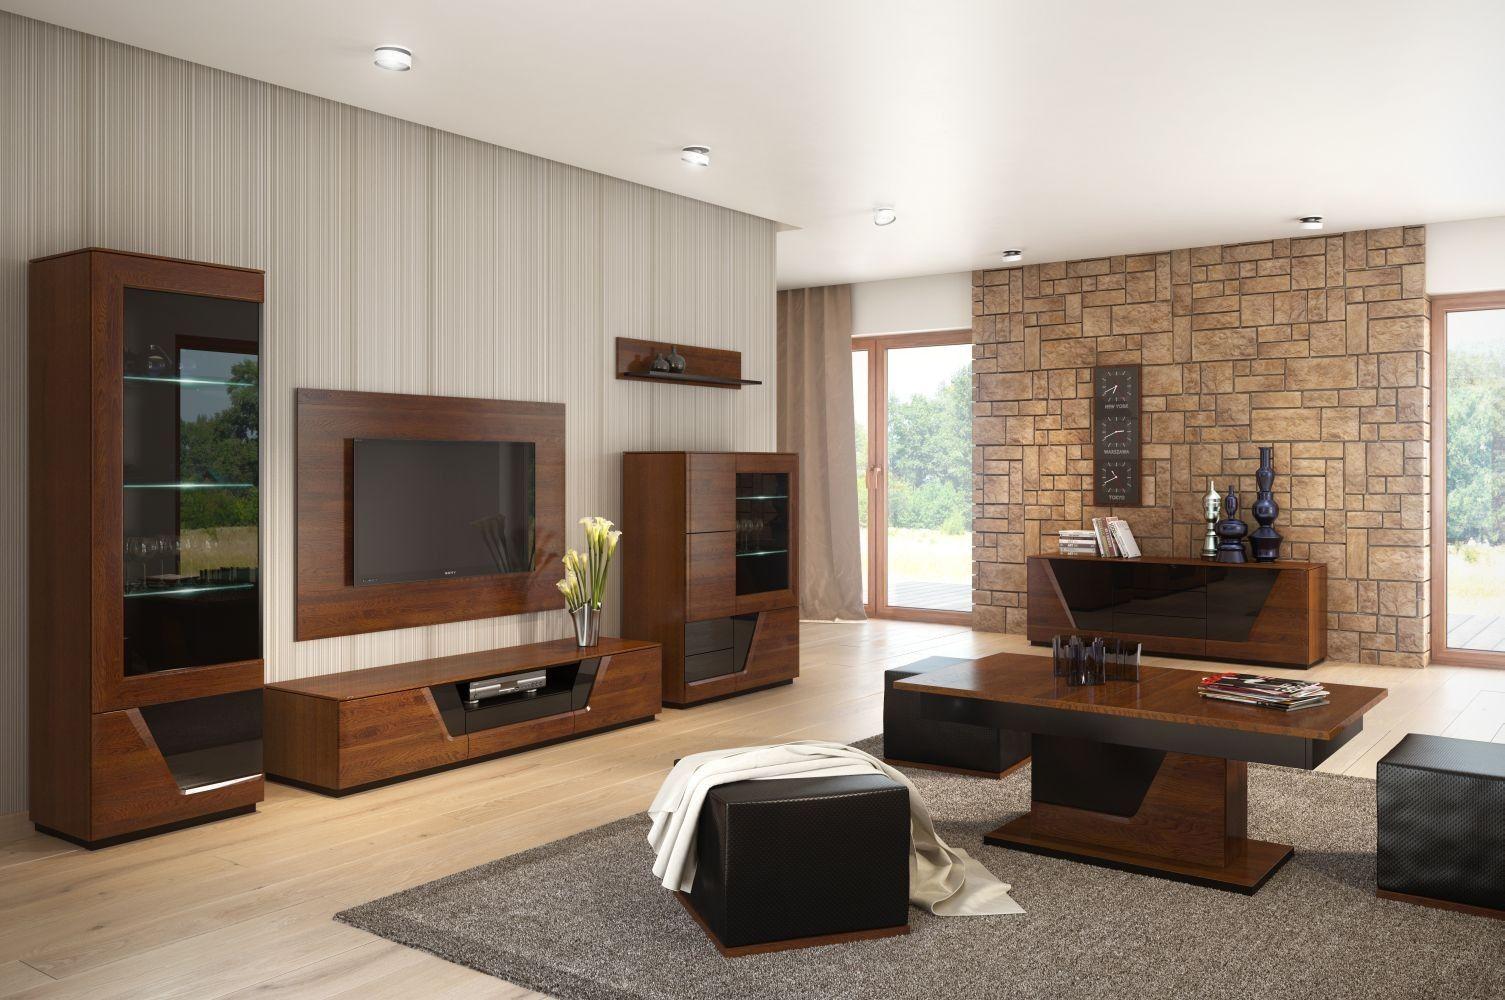 9+ Wohnzimmermöbel-Ideen mit eleganter, geräumiger Dekoration9